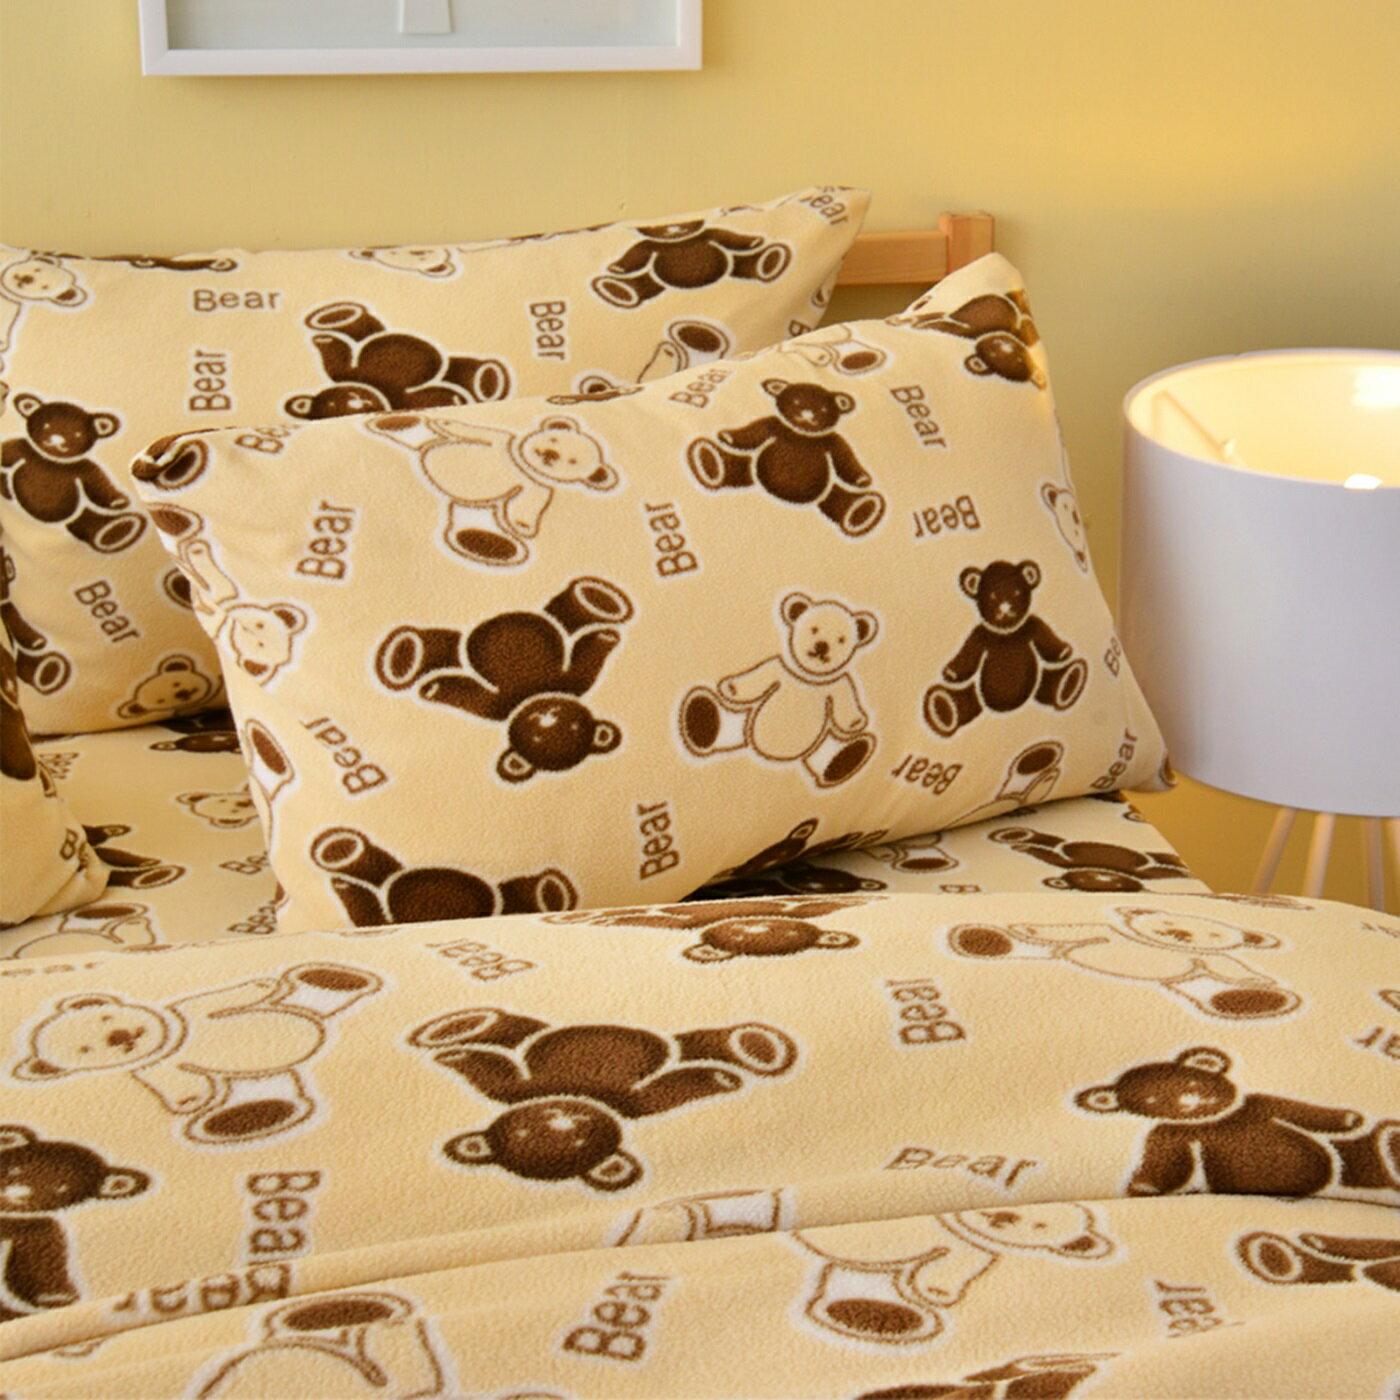 Pure One 超保暖搖粒絨 - 寶貝熊 @ 加大四件式床包被套組 @ 台灣製 @ SGS檢驗合格 - 限時優惠好康折扣